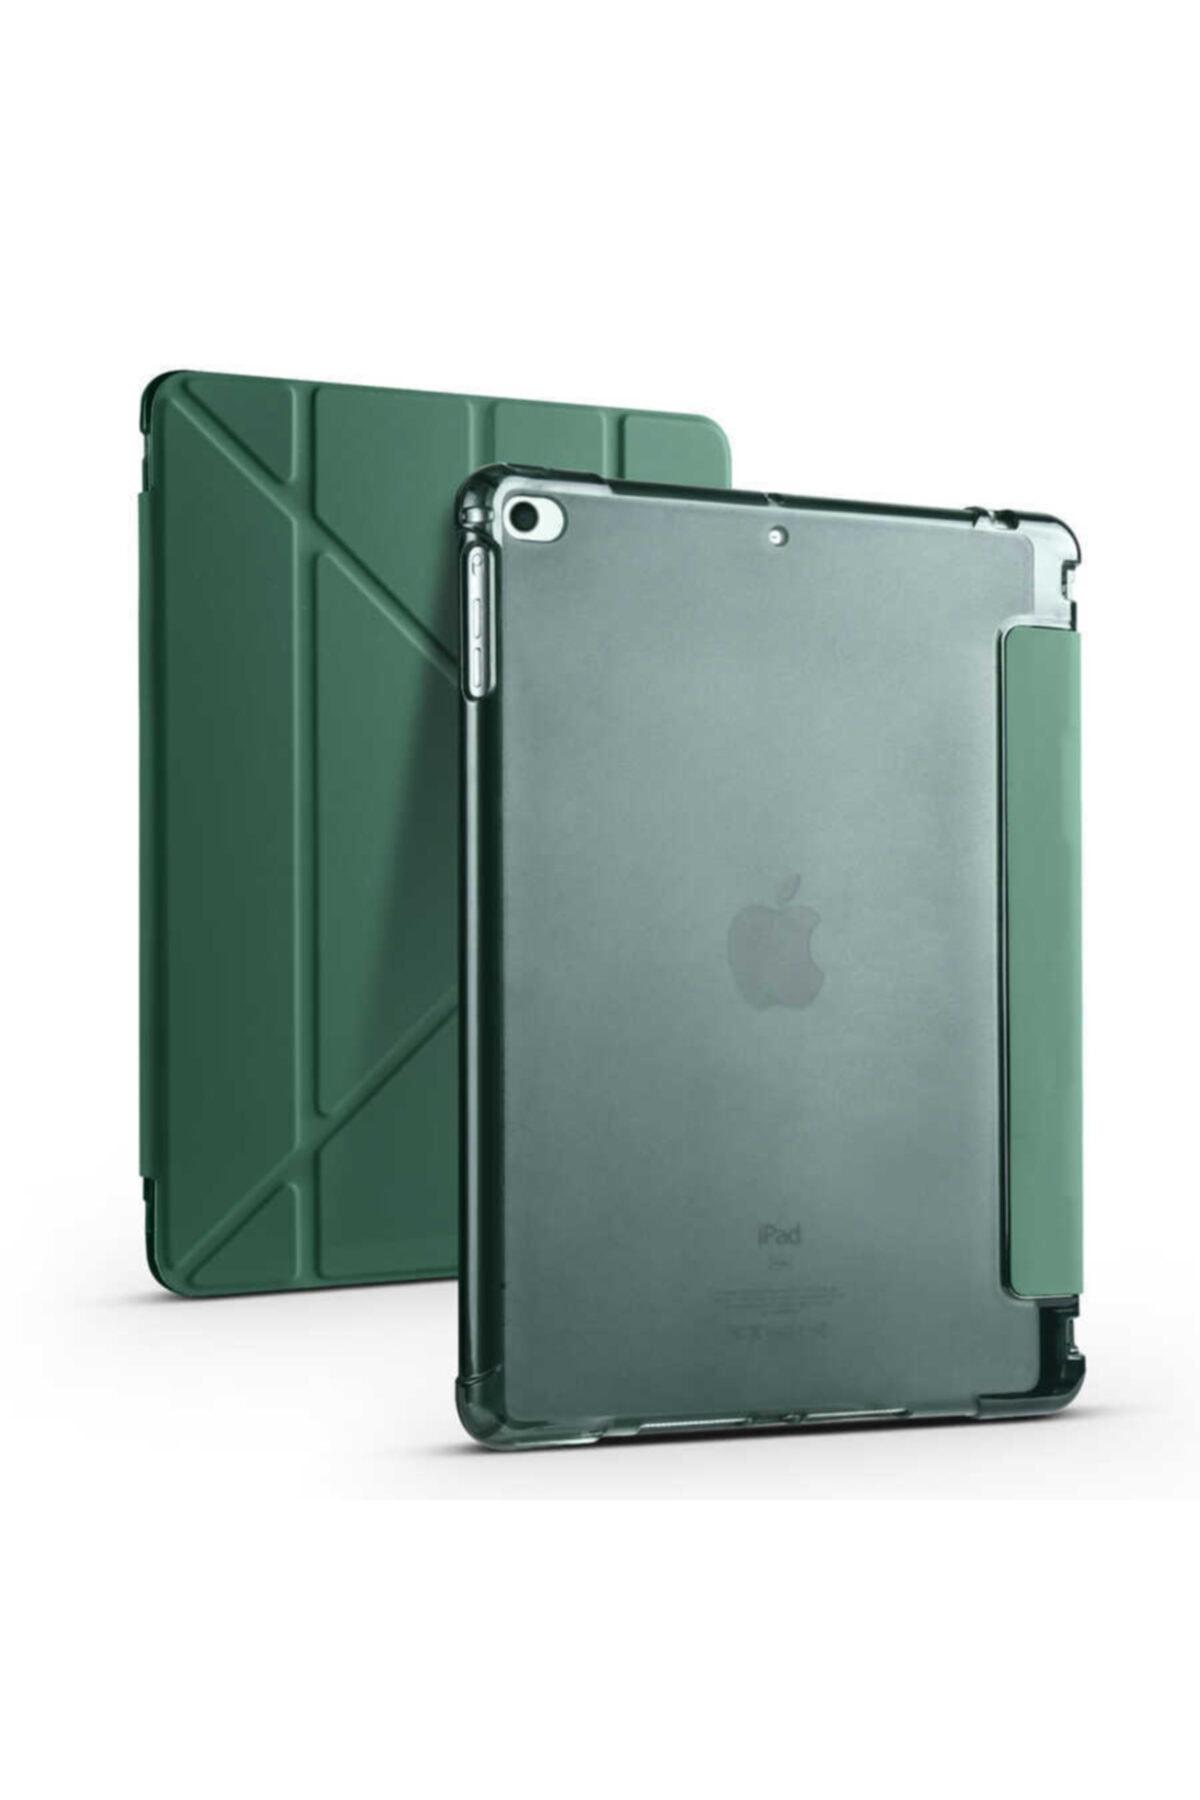 carına vannı Apple Ipad 9.7 2018 Uyumlu Koyu Yeşil Kalem Bölmeli,katlanabilir Tablet Kılıfı,standlı Kılıf Pnd 1